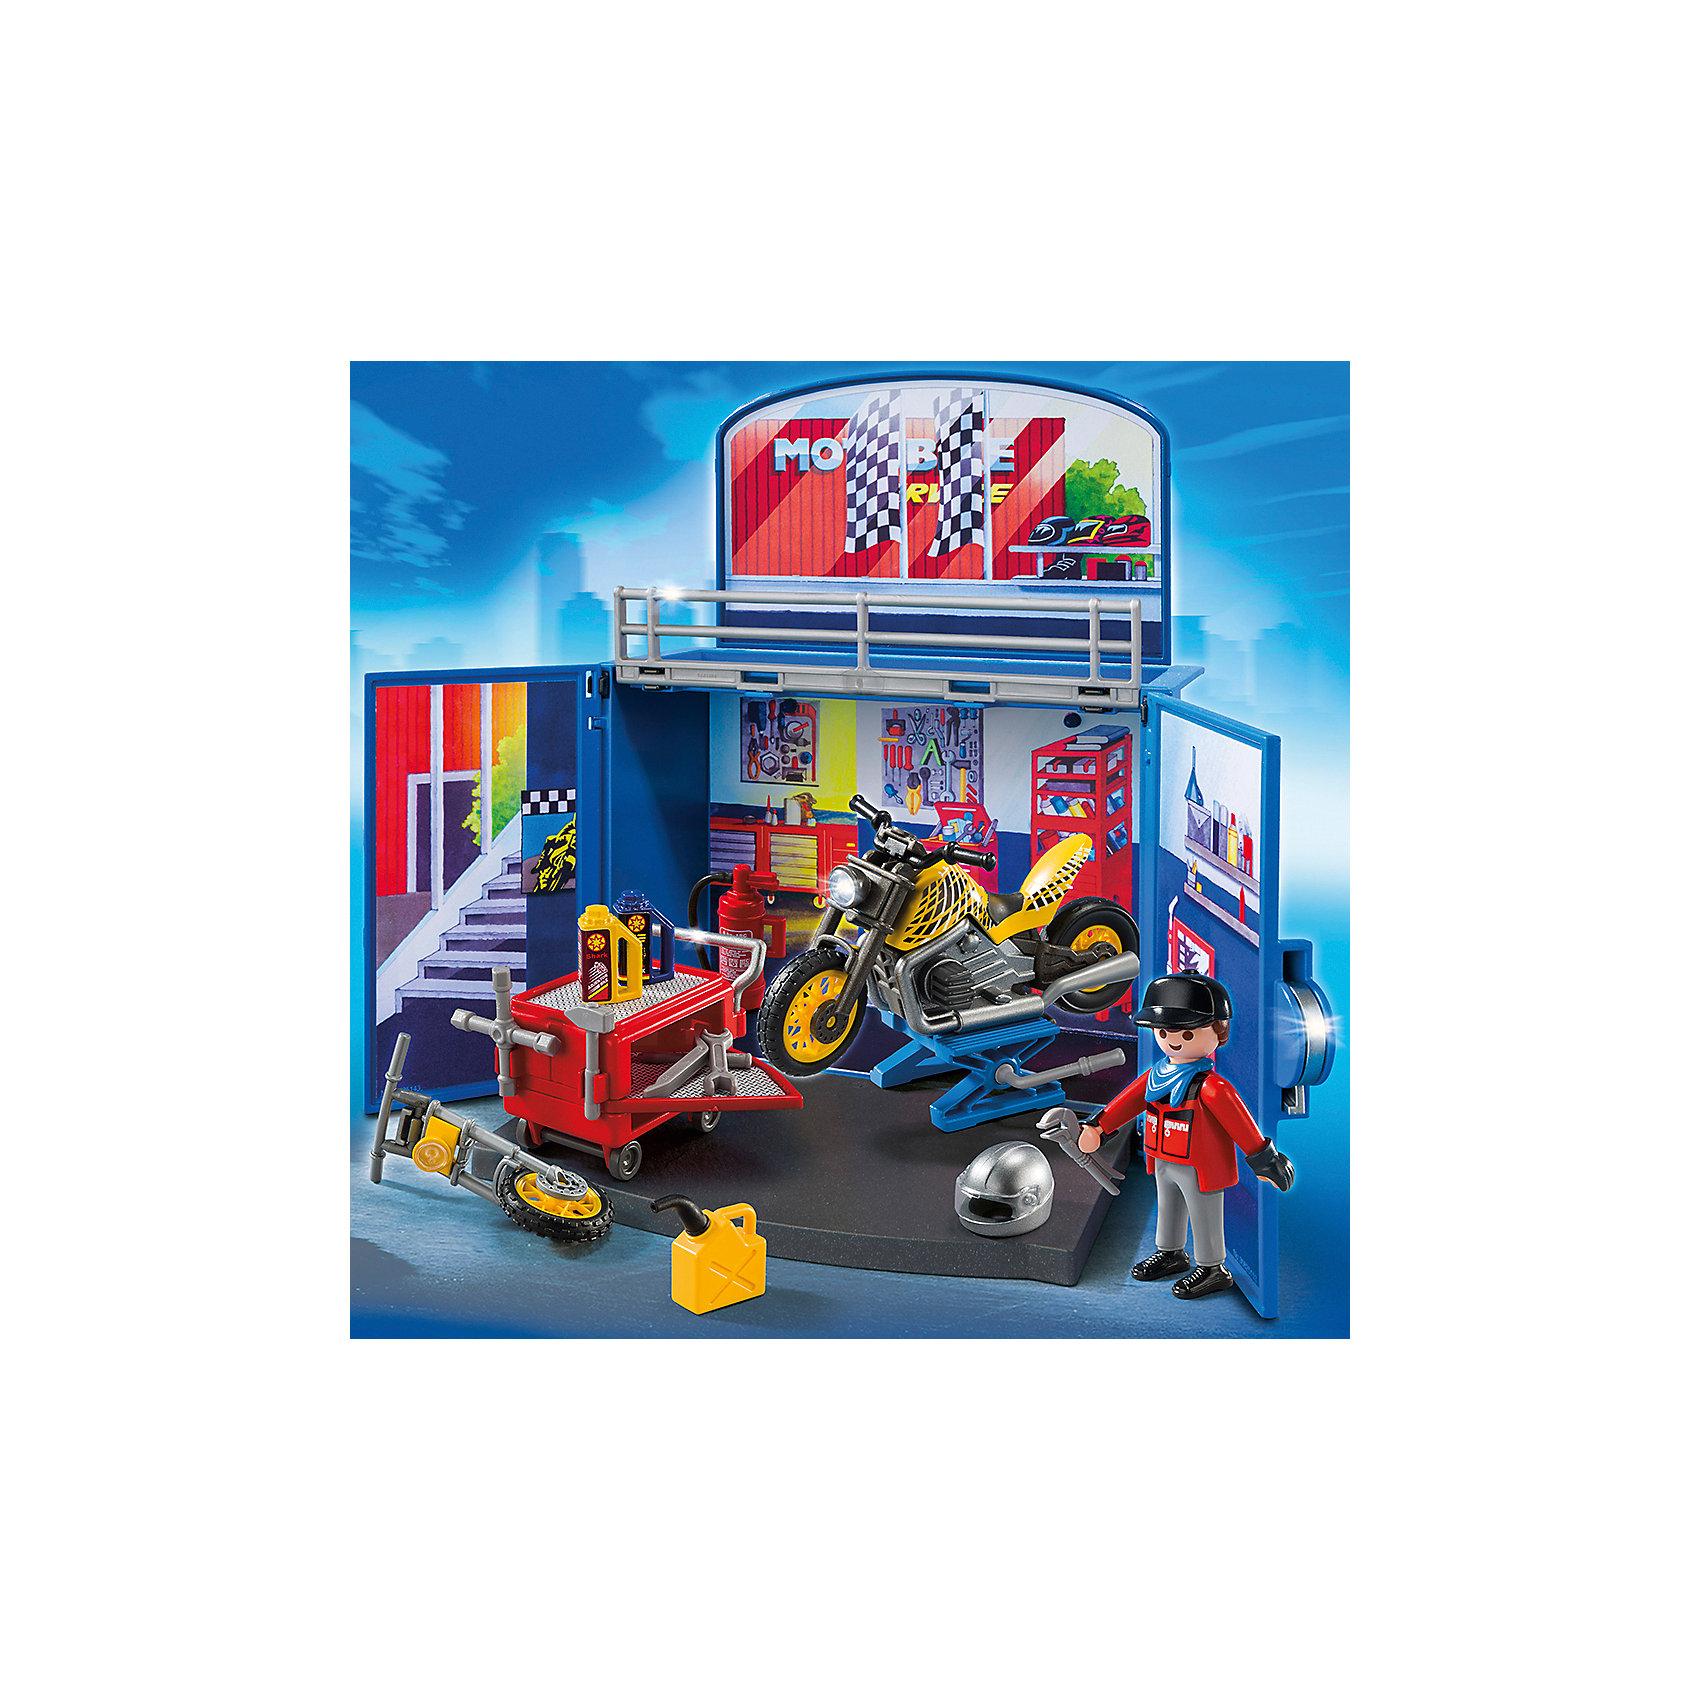 PLAYMOBIL® Возьми с собой: Мастерская мотоциклов, PLAYMOBIL